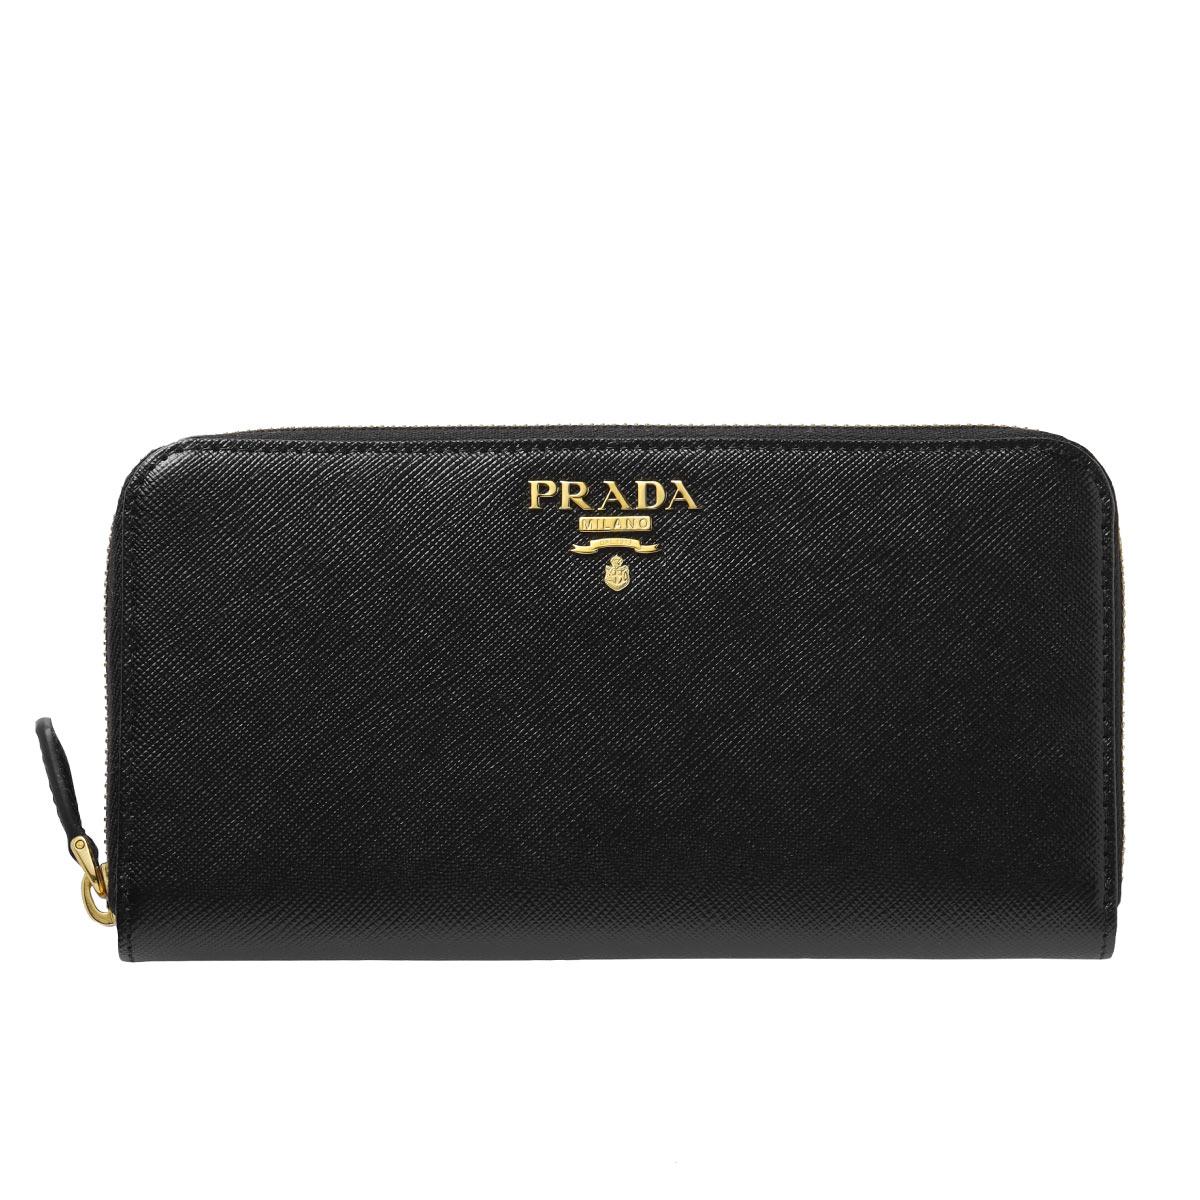 プラダ PRADA 財布 レディース 1ML506 QWA F0002 ラウンドファスナー長財布 SAFFIANO METAL NERO ブラック